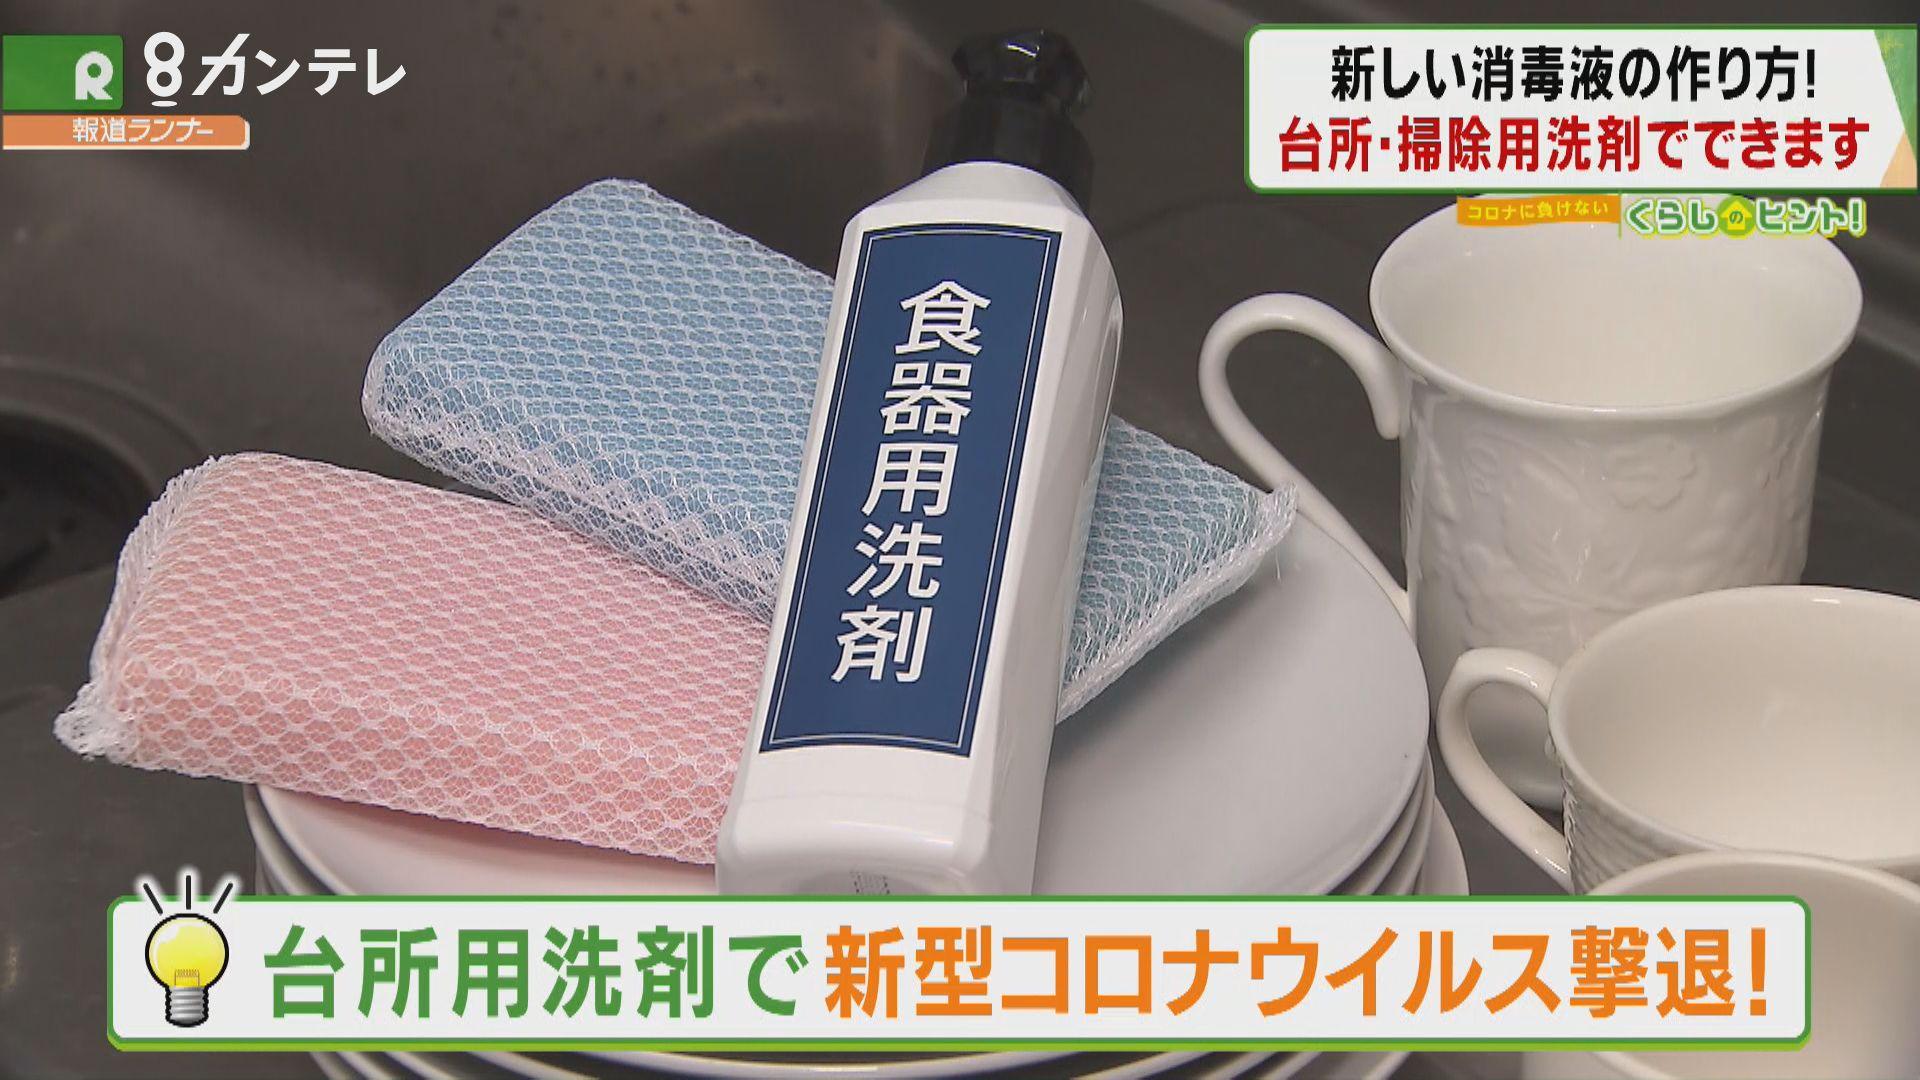 【コロナに負けない!くらしのヒント!】新たな消毒液の作り方 家庭用洗剤を代用